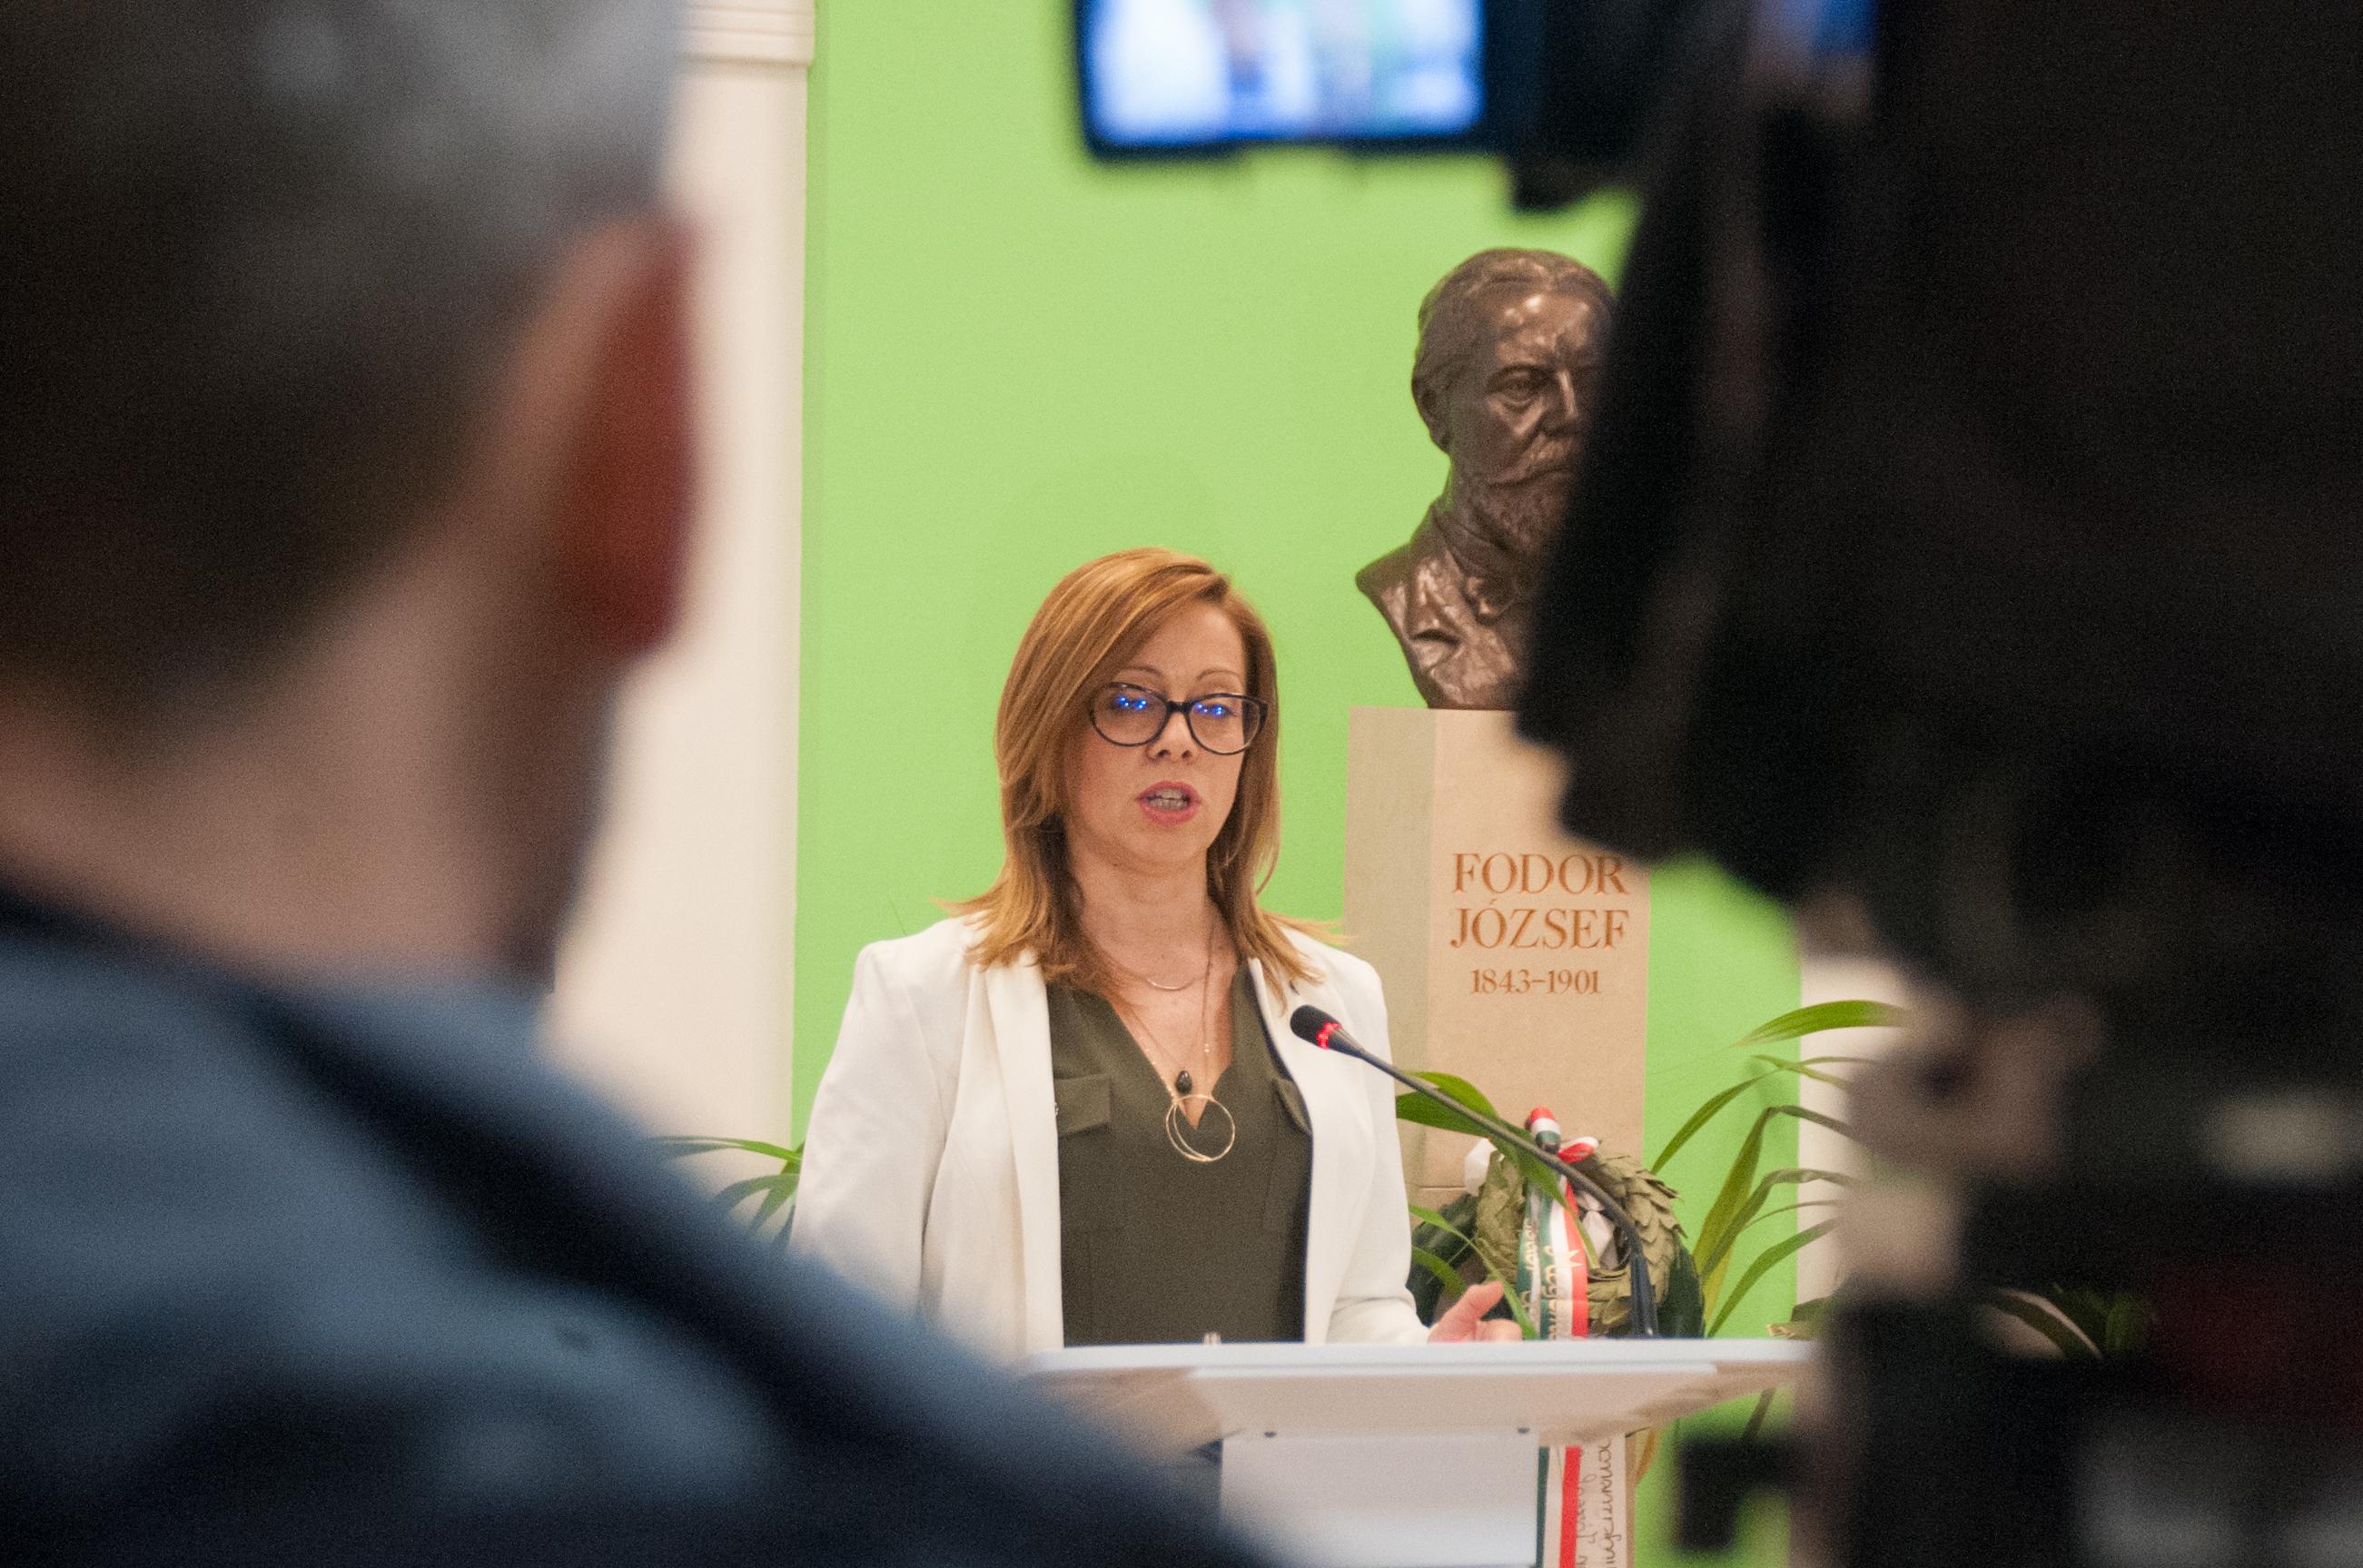 Oroszi Beatrix, az Országos Epidemiológiai Központ (OEK) főigazgató-főorvosa (Fotó: Bornemissza Péter/ÁNTSZ )